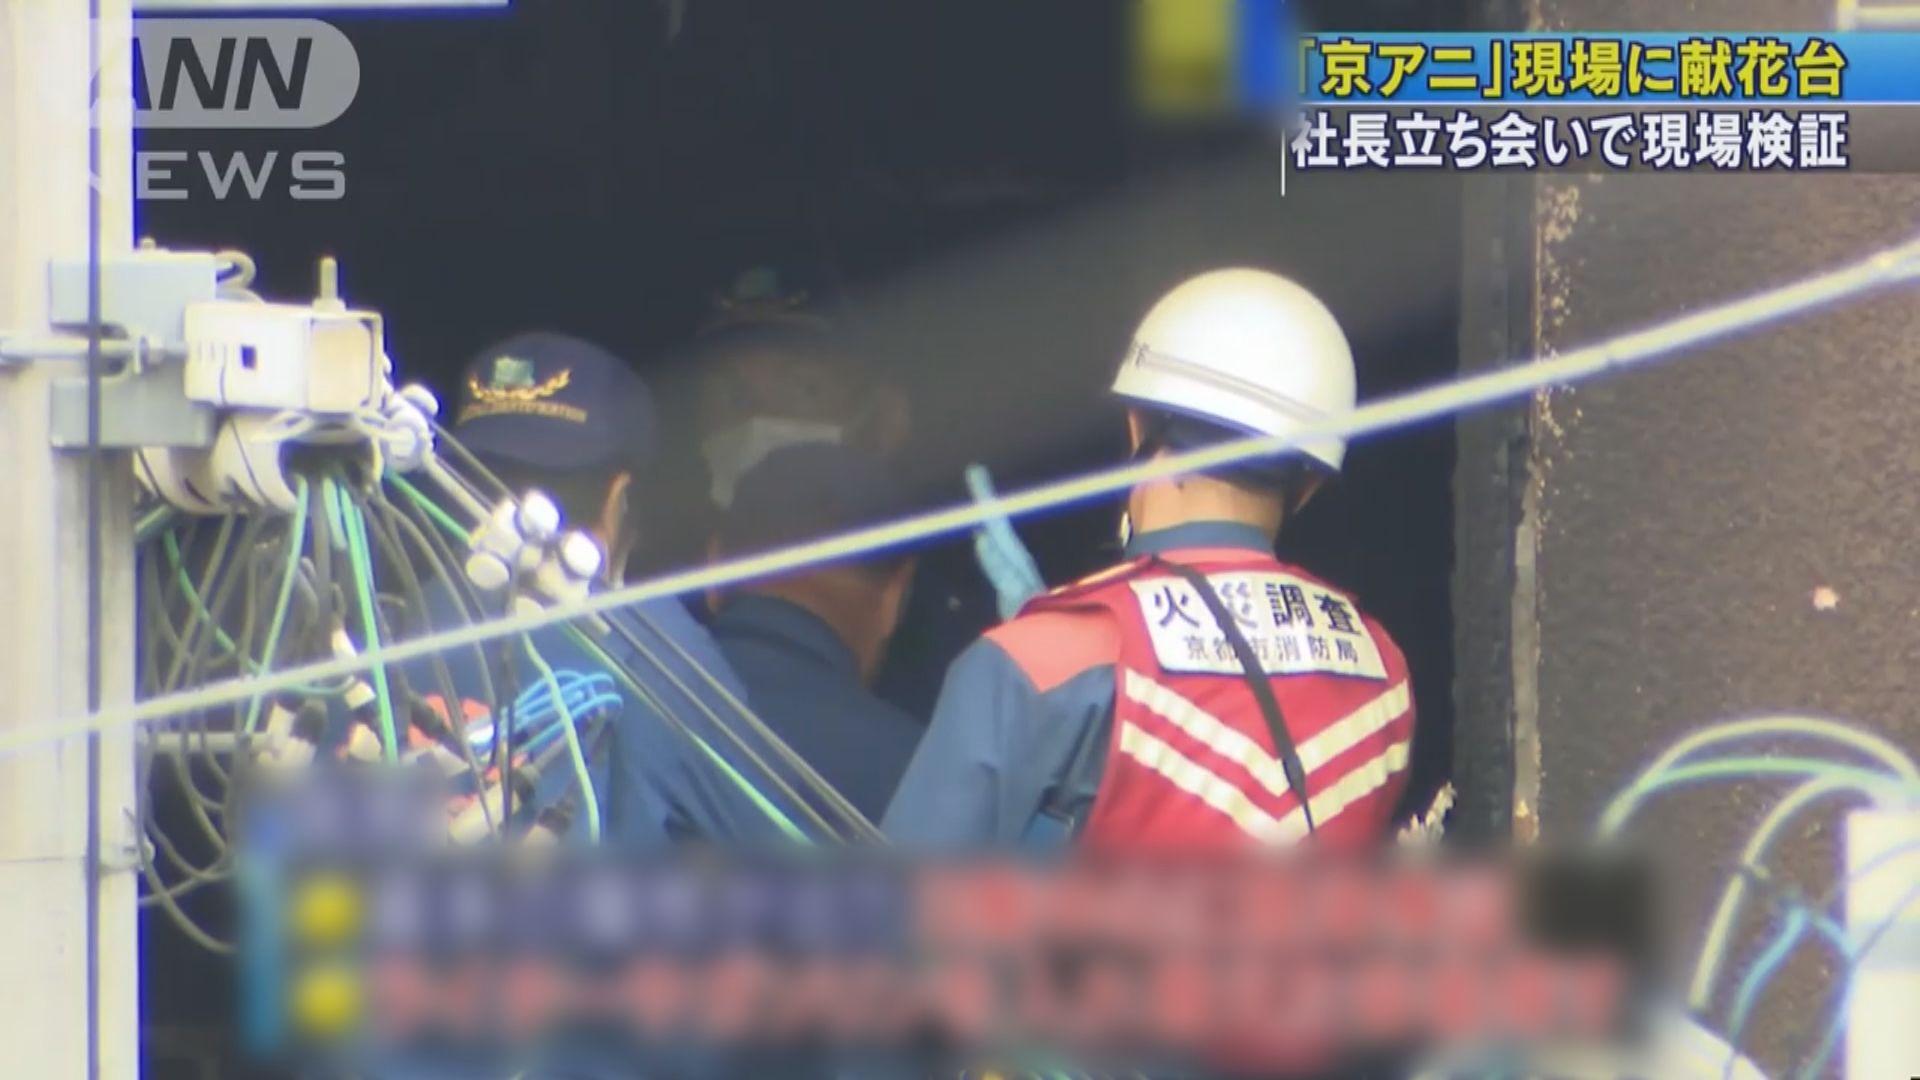 京都動畫工作室縱火案 警方再到現場調查